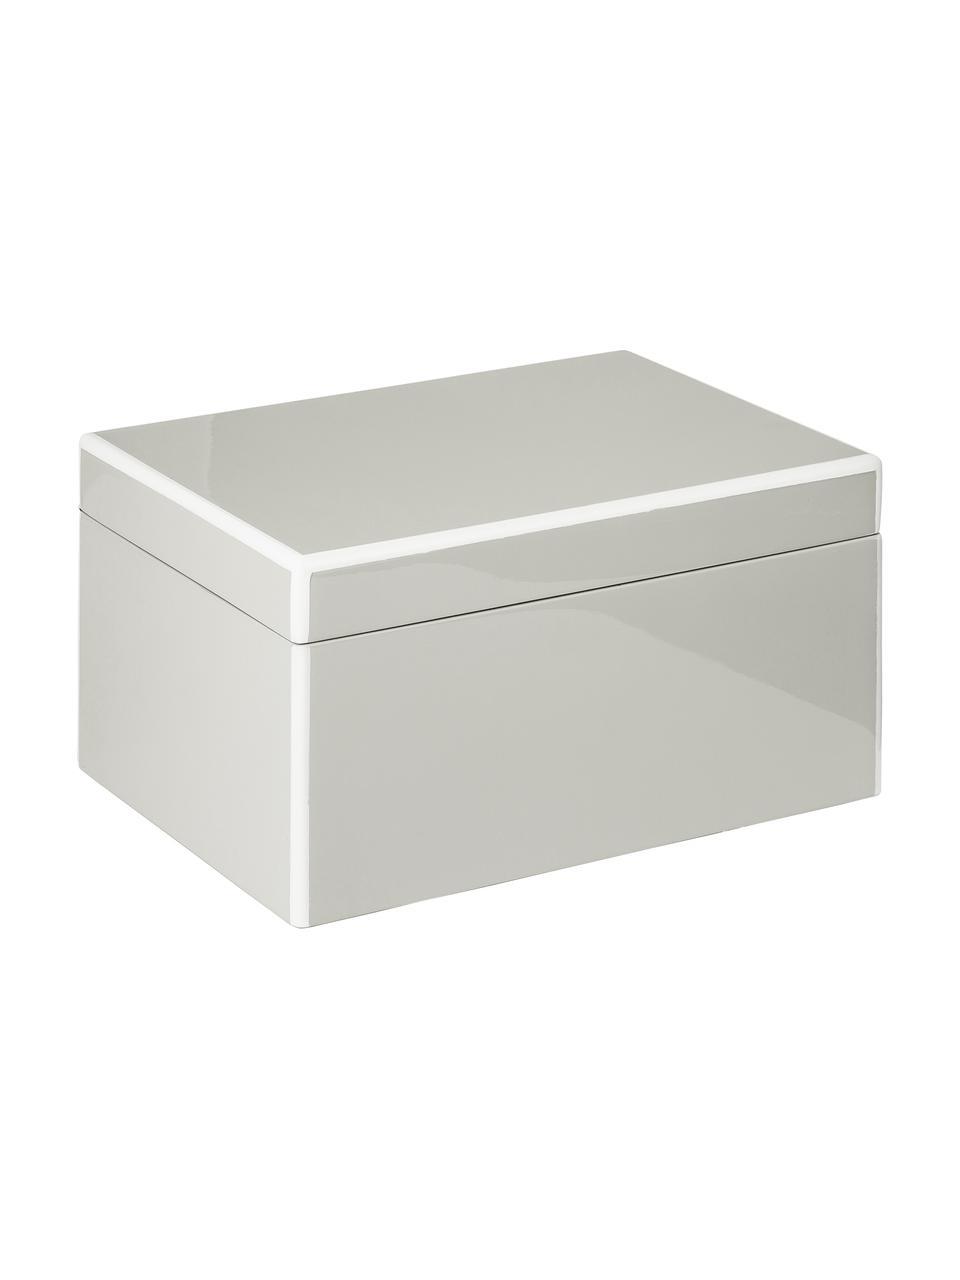 Schmuckbox Taylor mit Spiegel, Unterseite: Samt zur Schonung der Möb, Grau, 26 x 13 cm